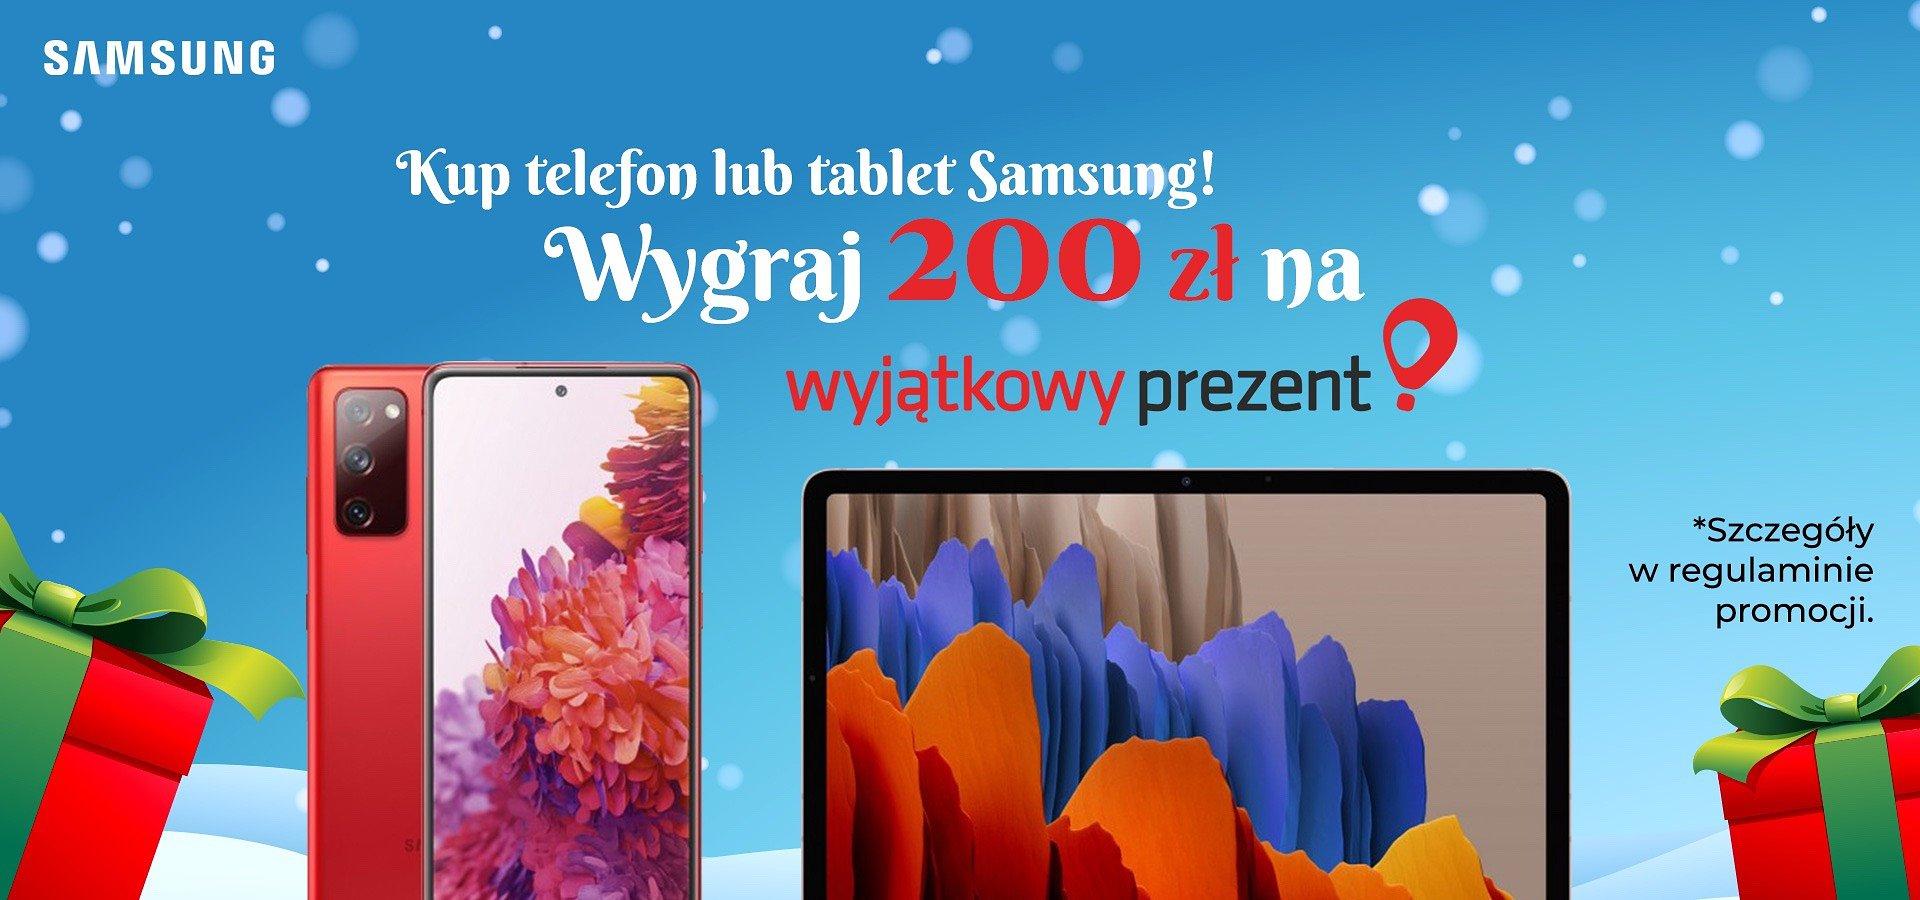 Kup smartphone Samsung i odbierz Wyjątkowy Prezent na Gwiazdkę